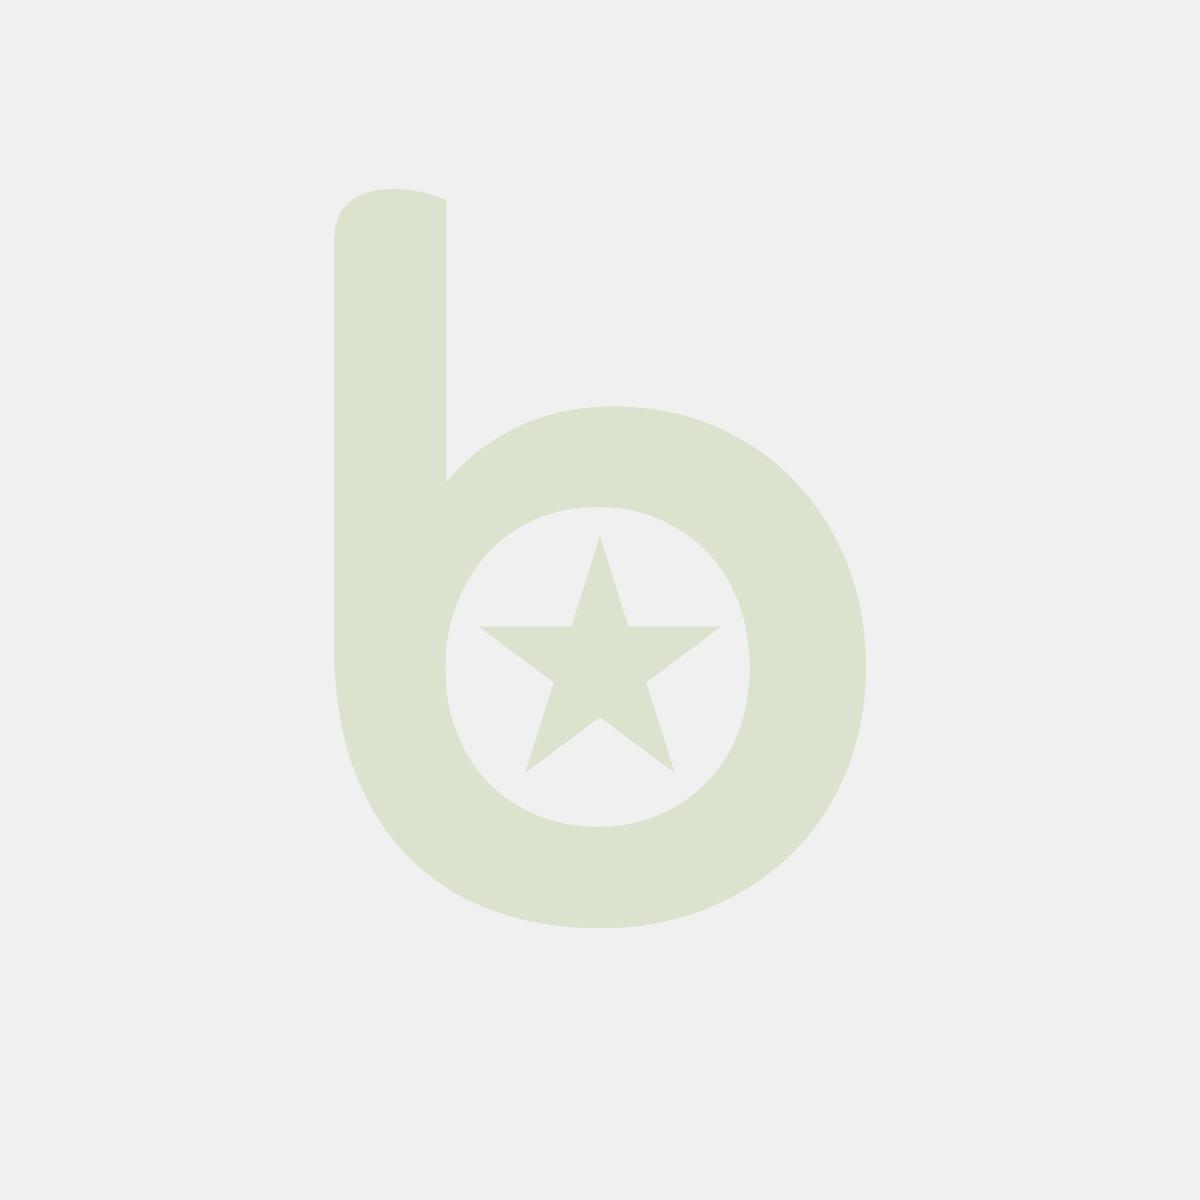 Serwetki PAPSTAR Royal Collection ORNAMENTS 40x40 terakota opakowanie 50szt